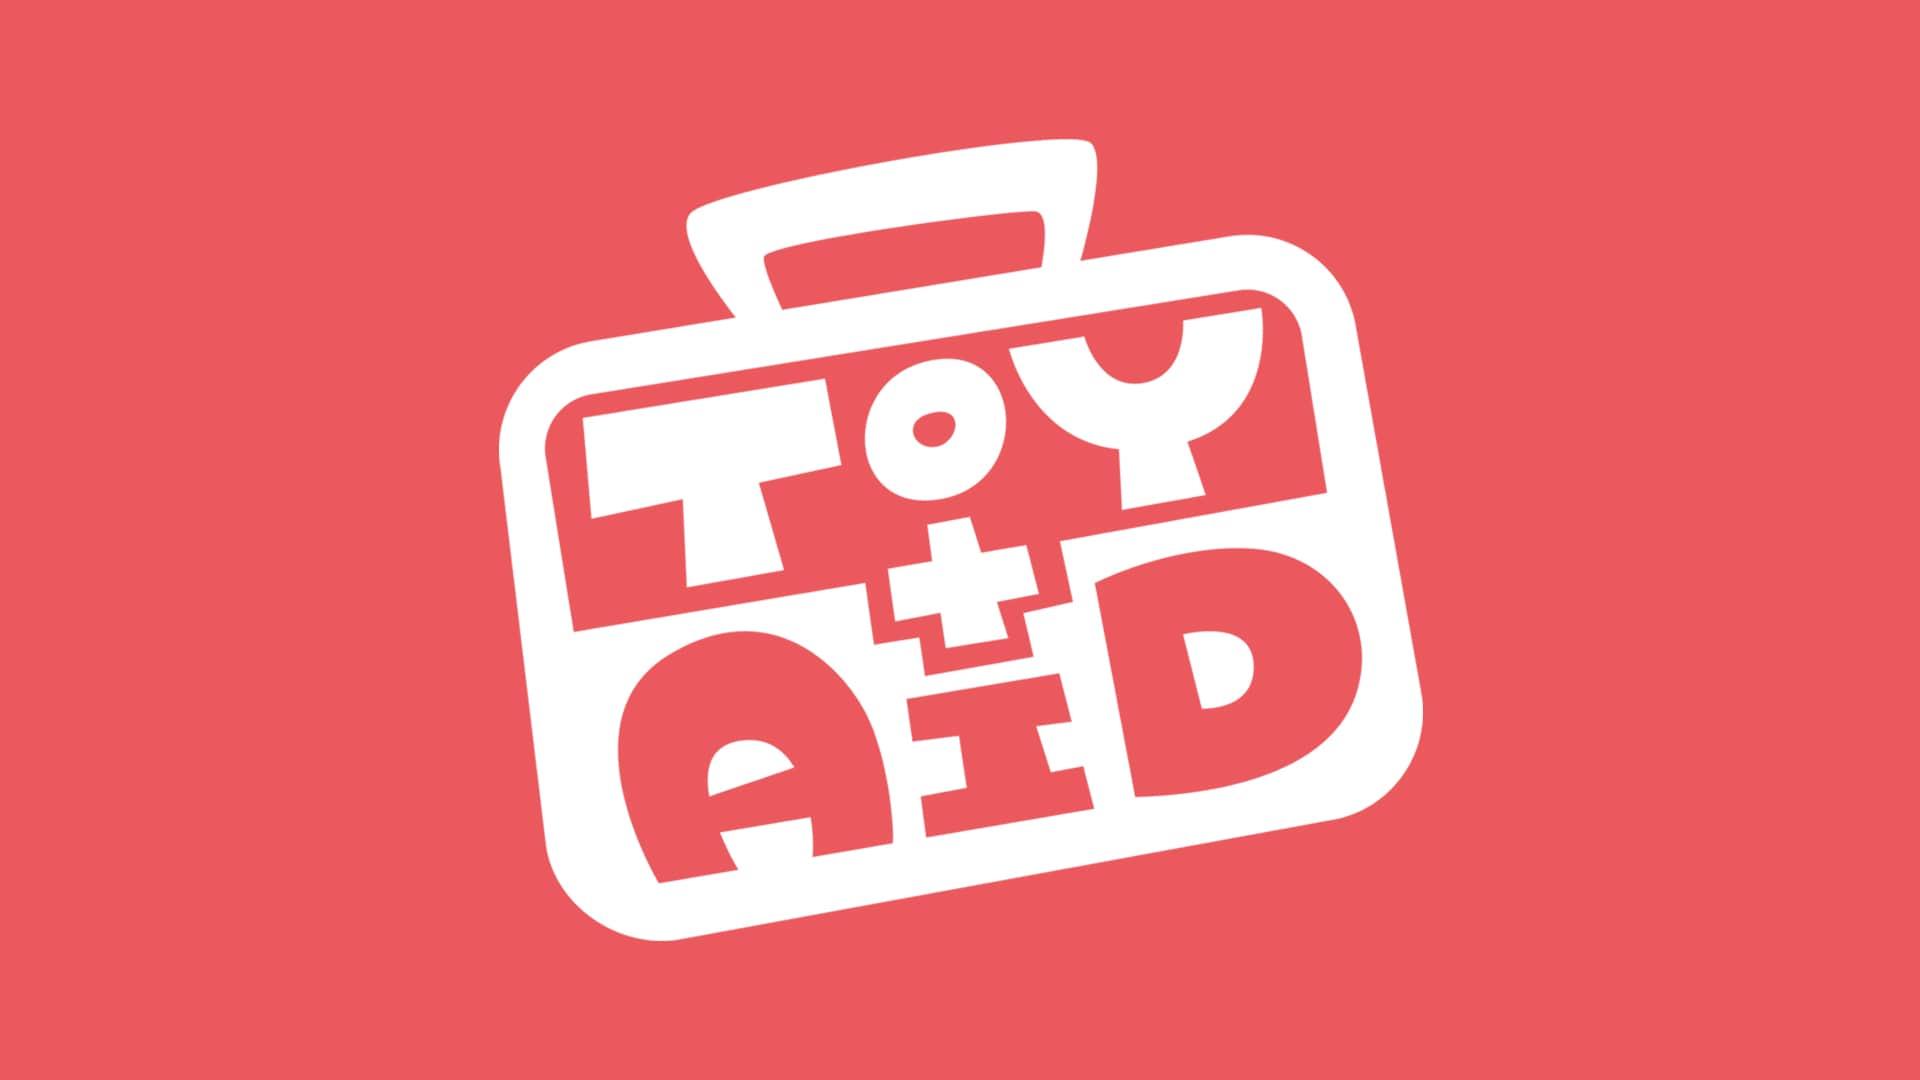 toy aid logo